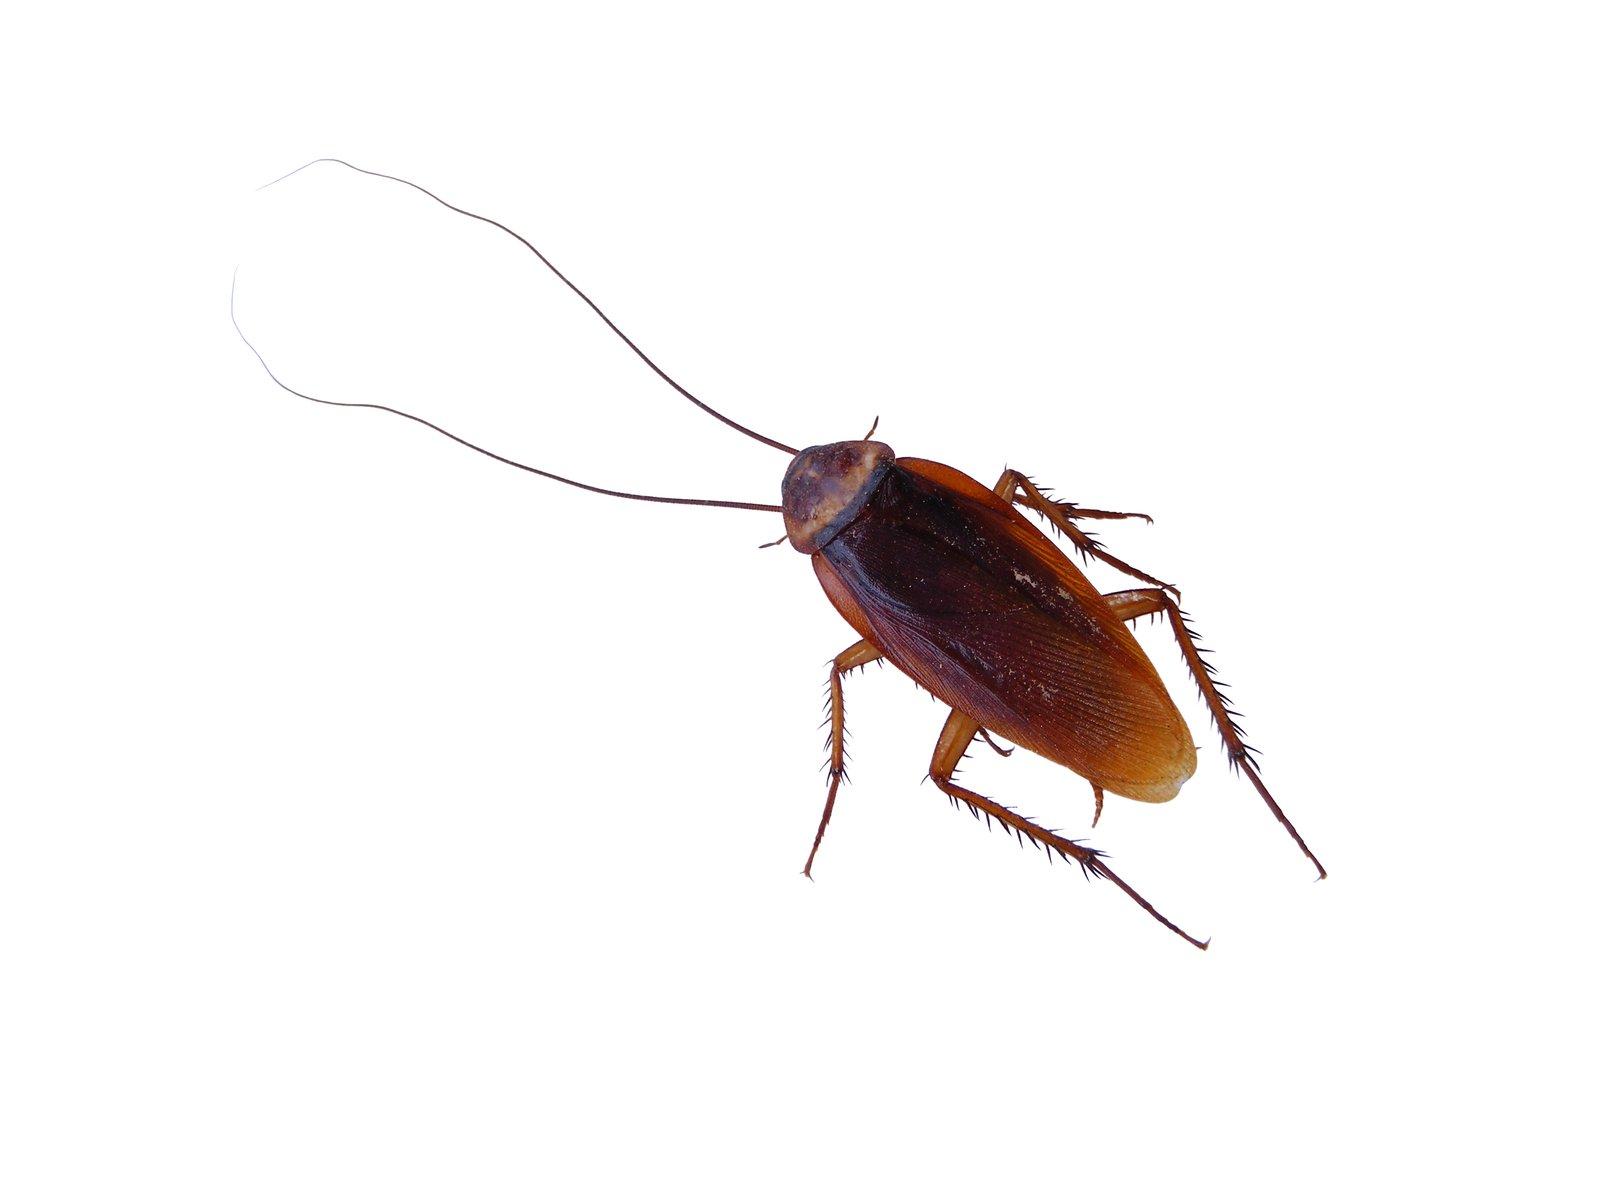 Pourquoi j'ai des blattes dans la maison?